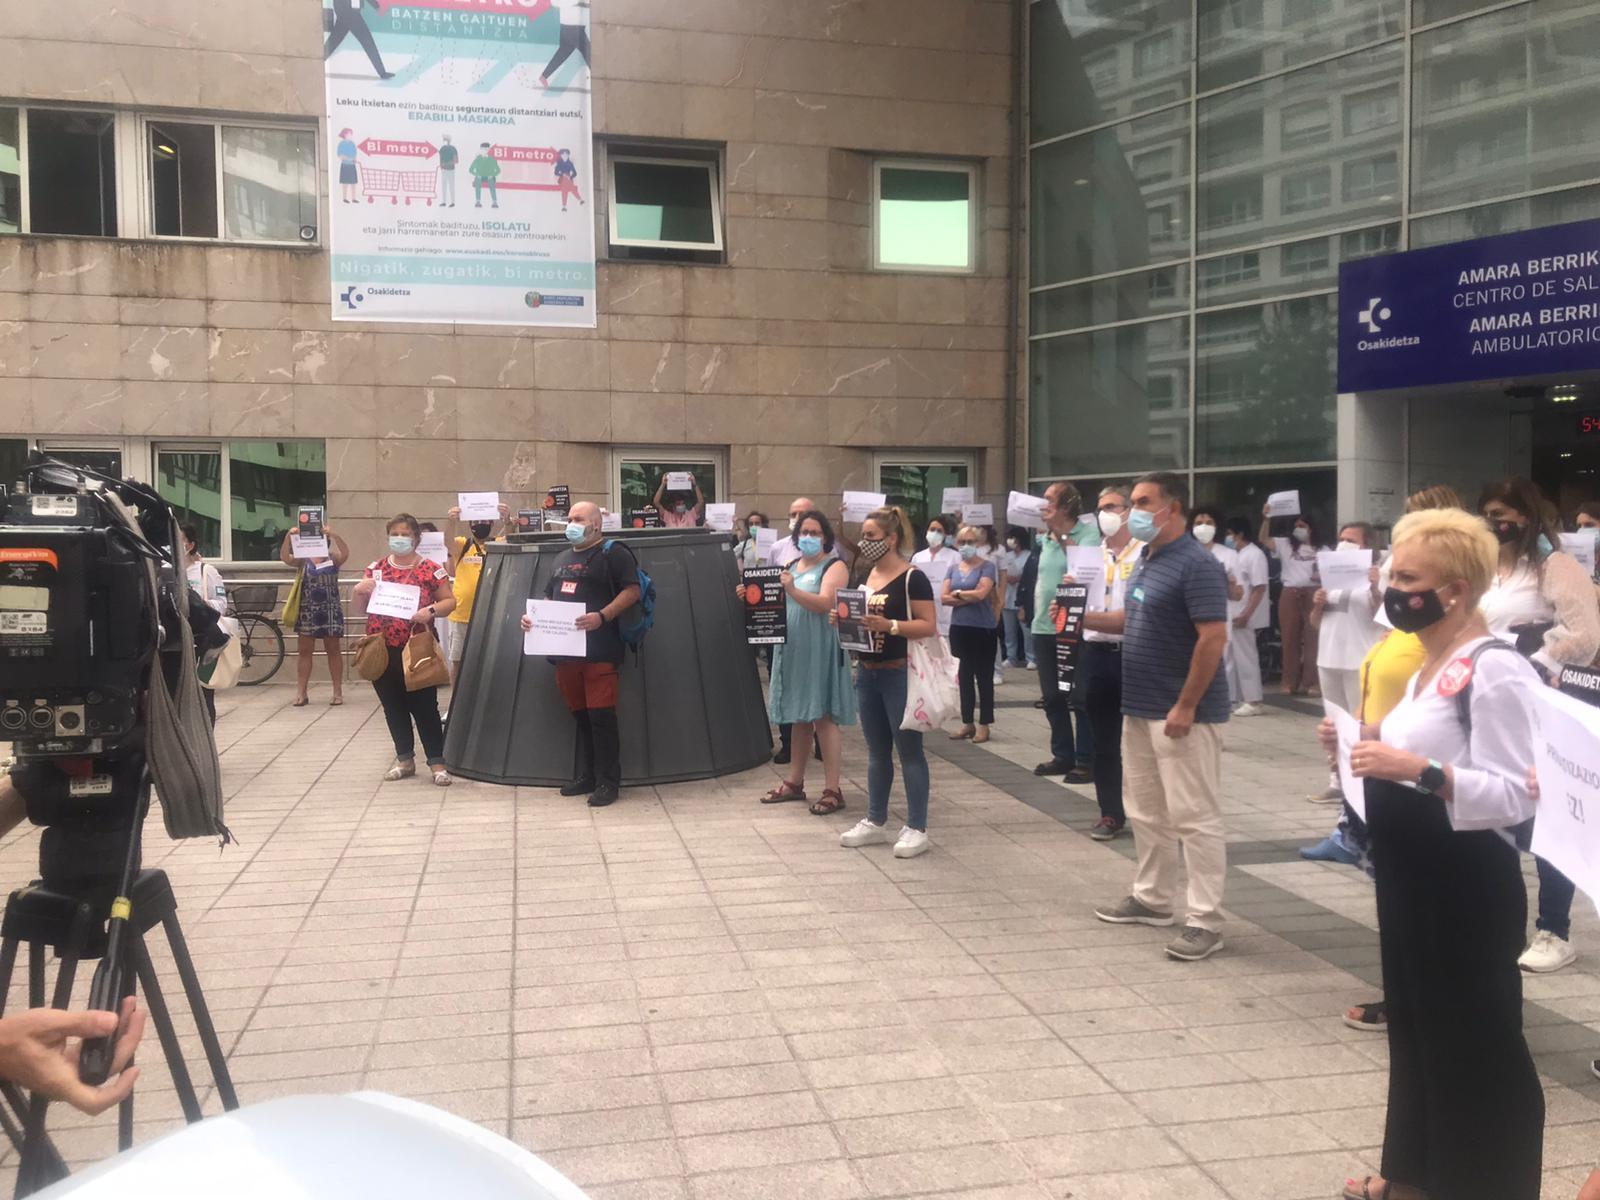 Trabajadores del Ambulatorio de Amara Berri, hoy, en la puerta. Foto: ELA sindikatua